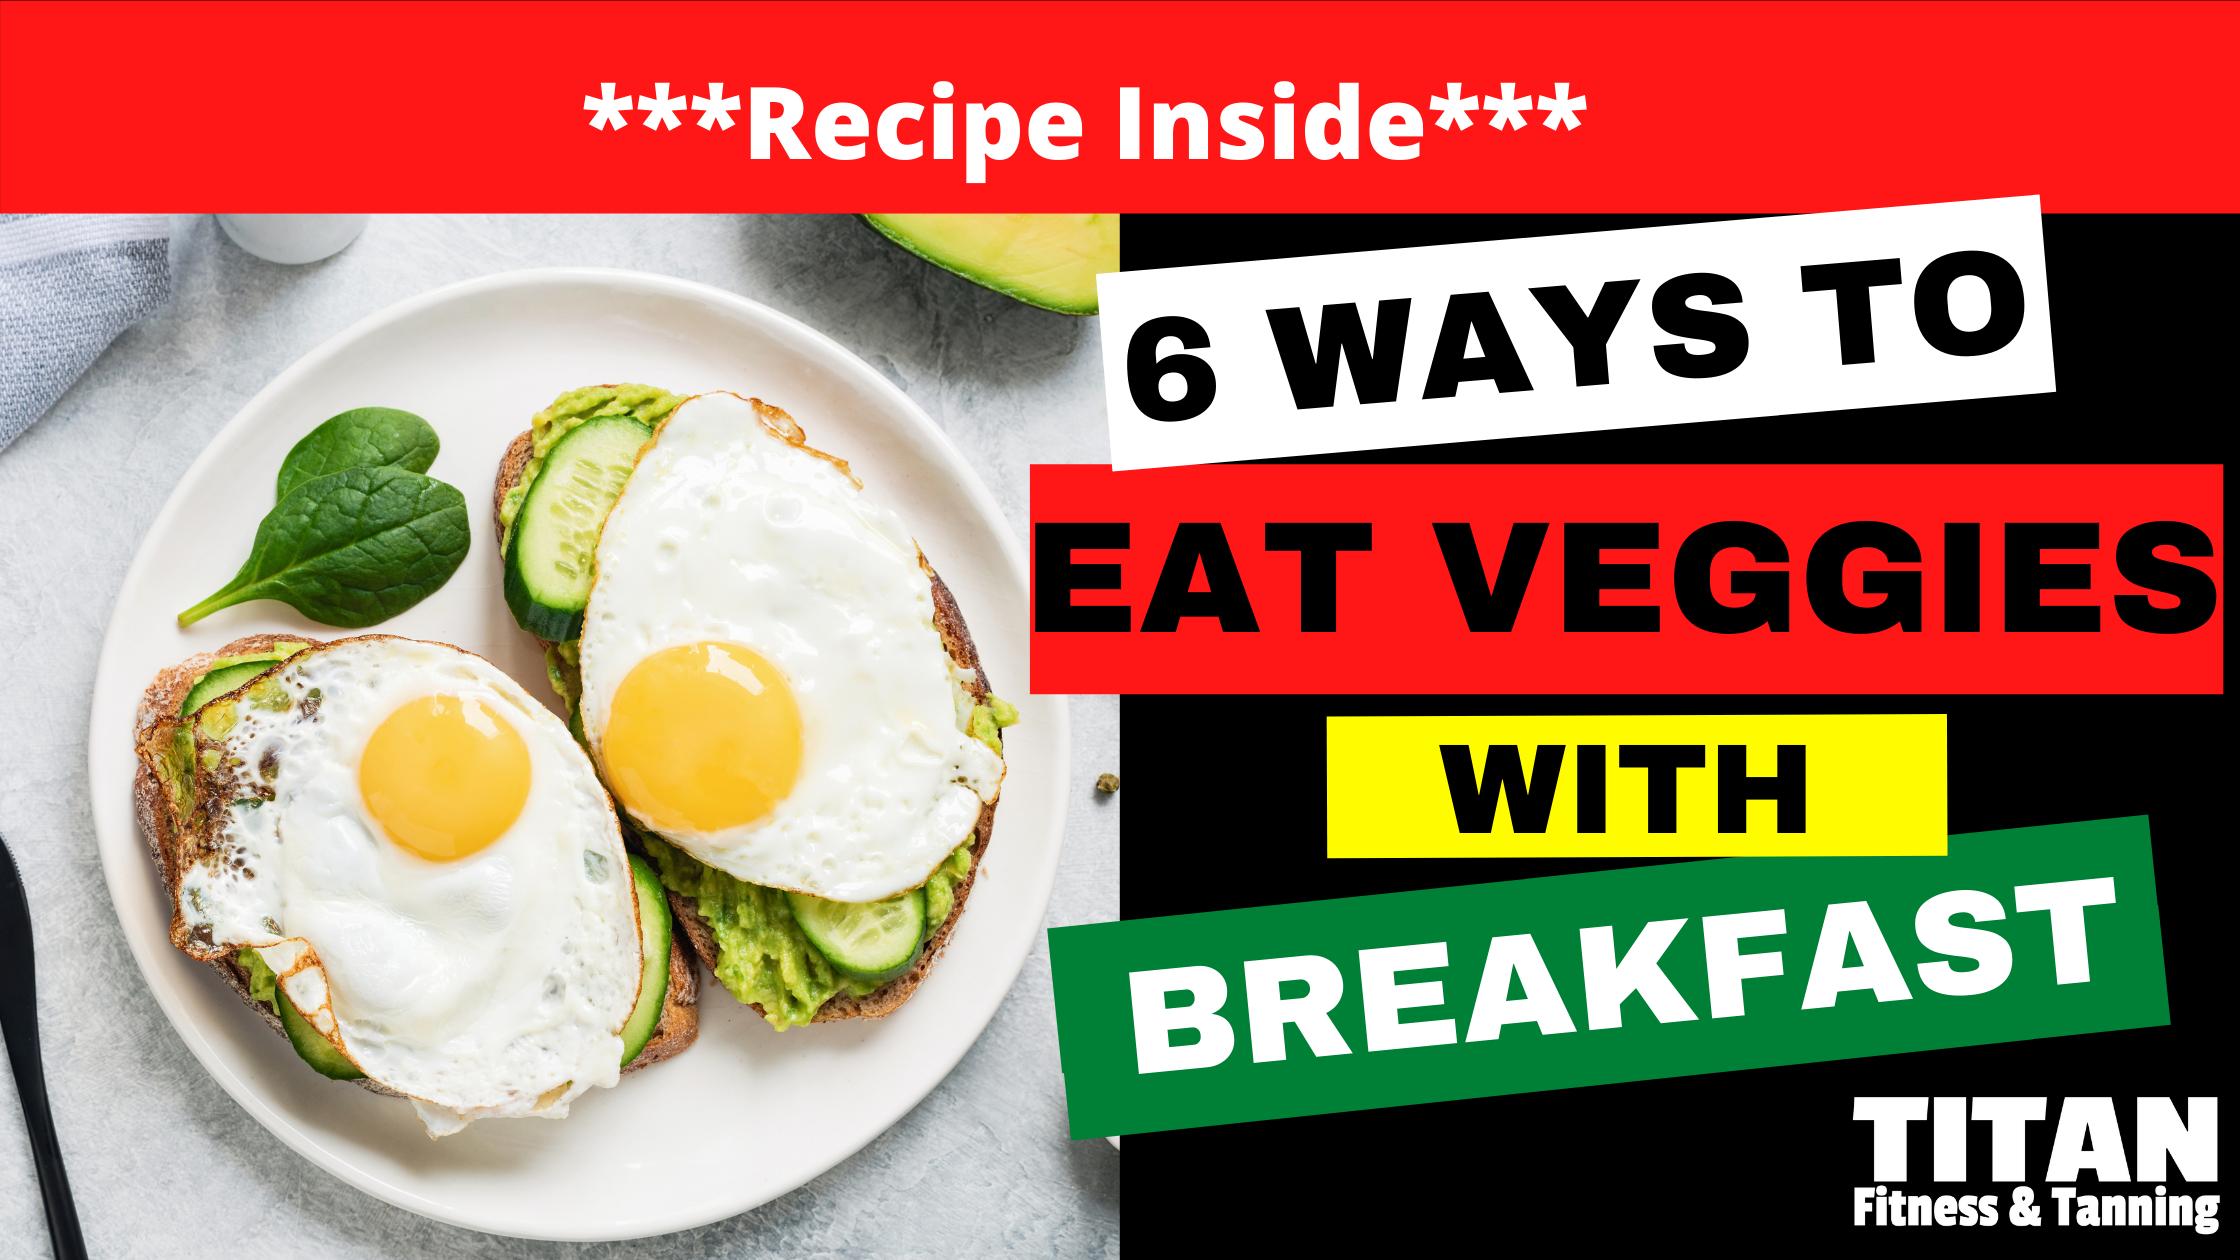 6 Easy Ways to Eat Veggies in Your Breakfast